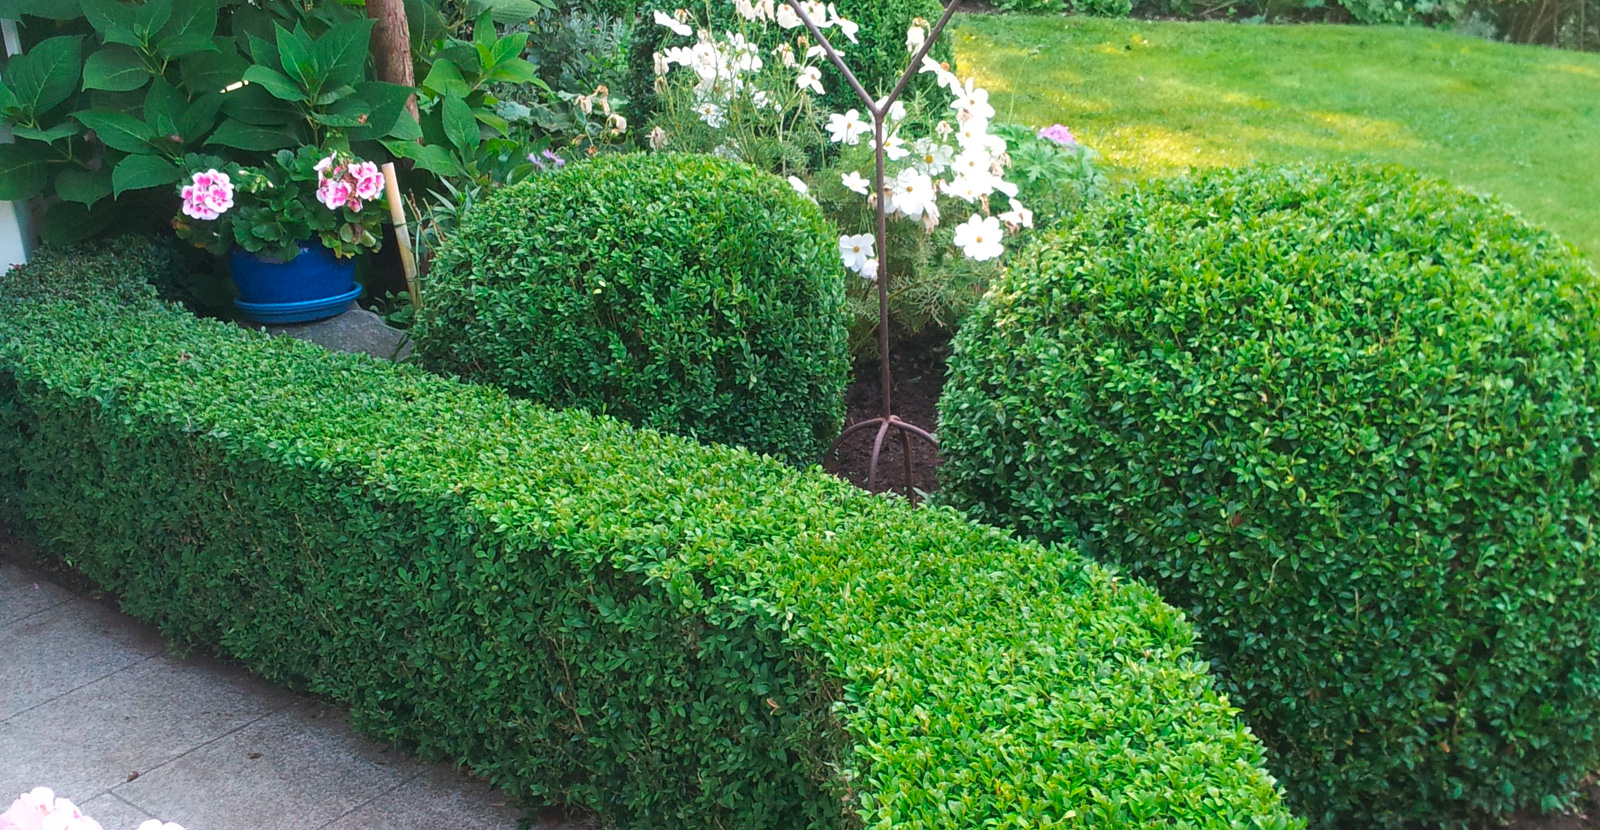 gartenbau landschaftsbau lauf n rnberg landschaftsg rtner michael hofmann. Black Bedroom Furniture Sets. Home Design Ideas